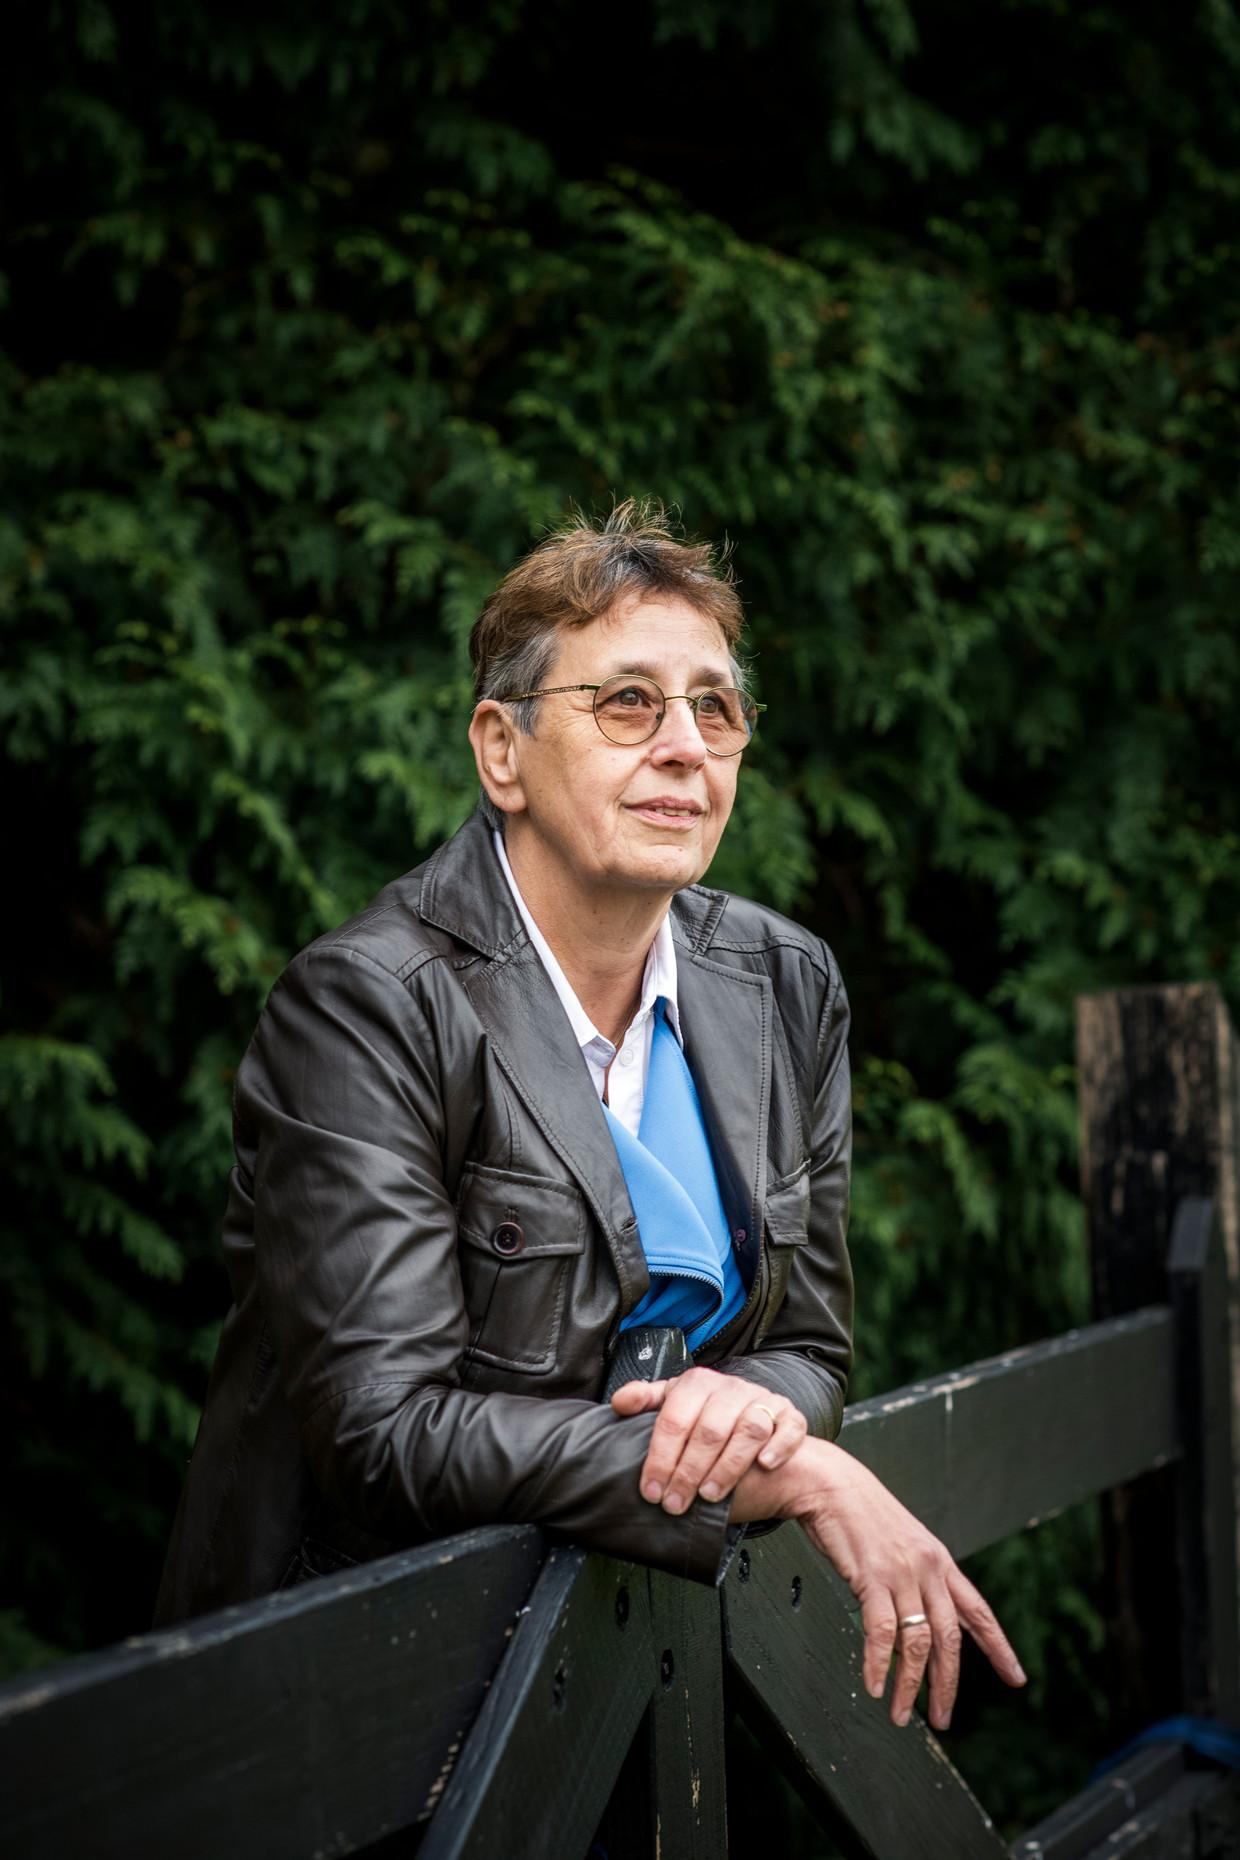 Lidy Schilder-Visser is directeur van Blik op Werk, dat met zijn keurmerk bepaalt welke taalscholen wel en niet worden toegelaten tot de inburgeringsmarkt – een wereld waarin miljoenen te verdelen zijn. Beeld Linelle Deunk